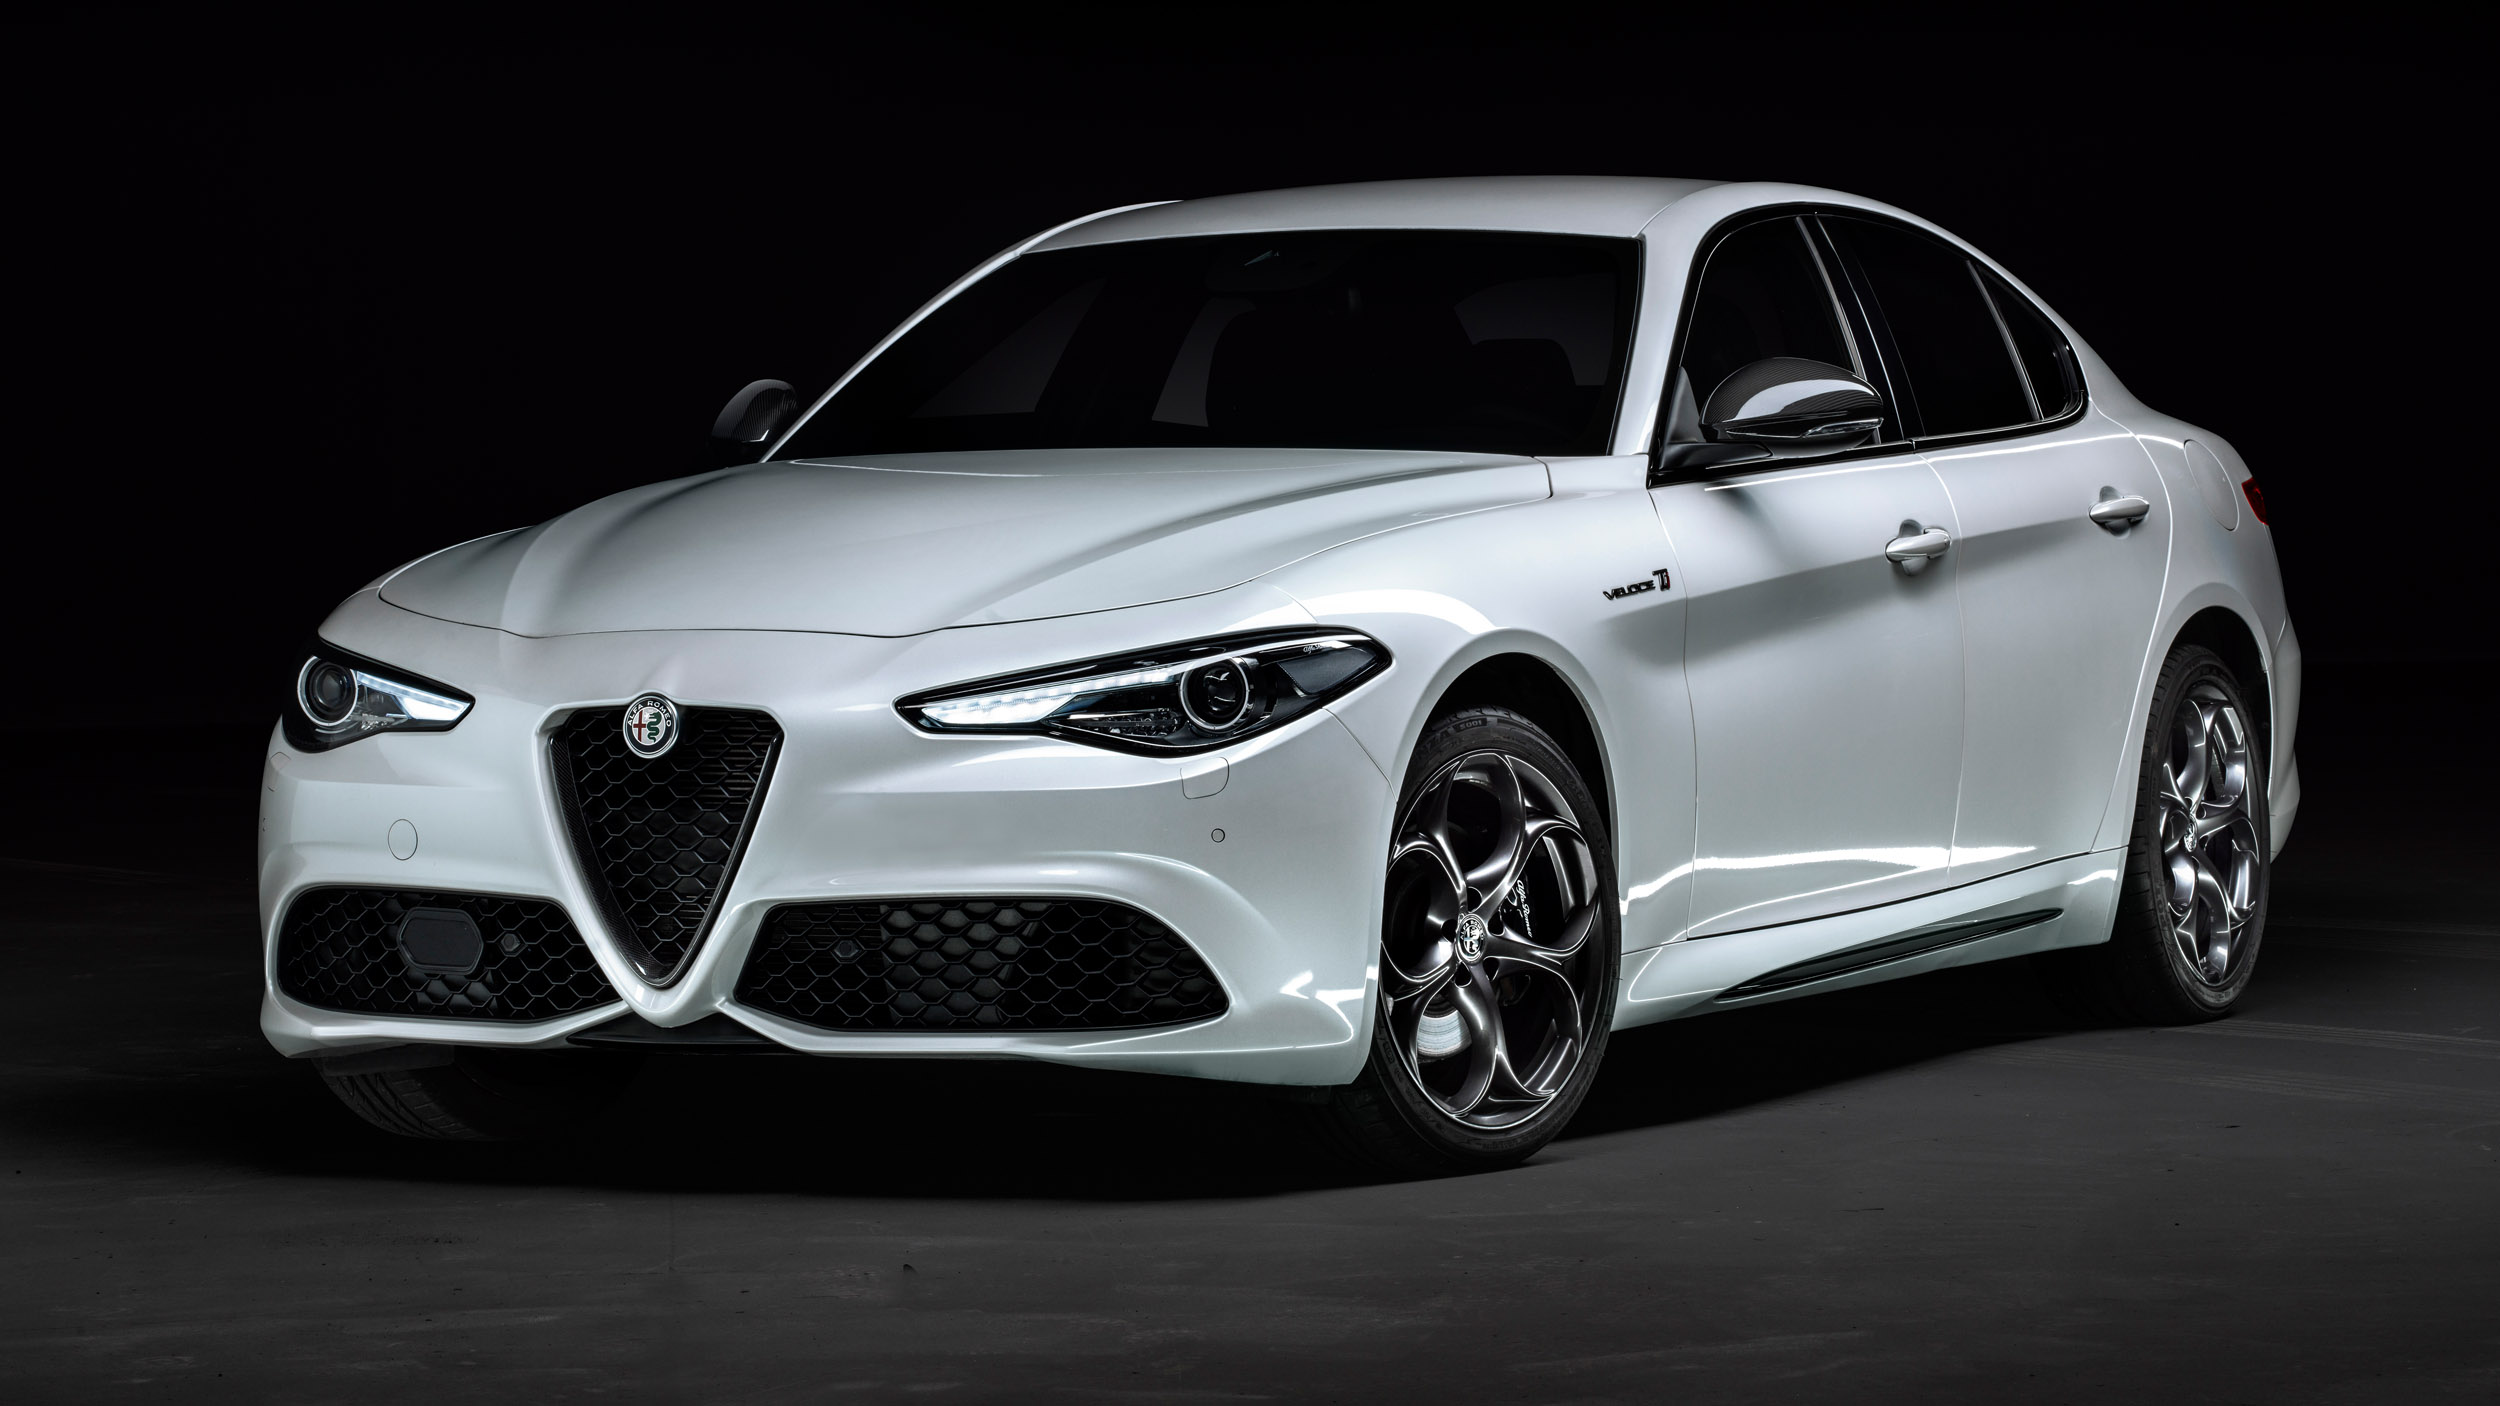 Χαμηλότερες τιμές για την Alfa Romeo Giulia